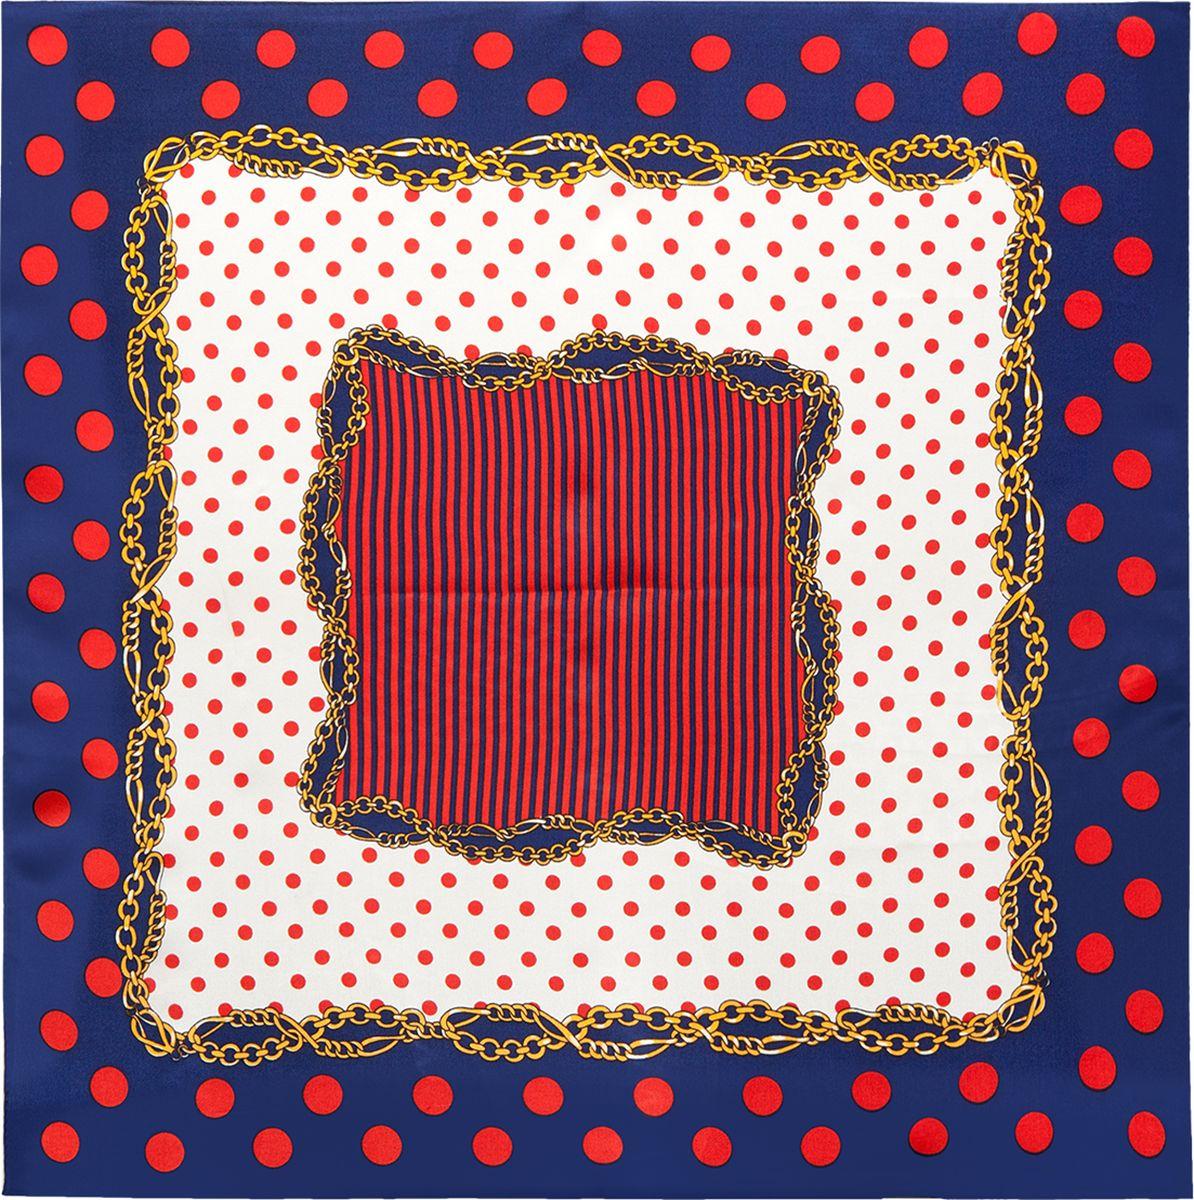 ПлатокSS03-7878Платок Eleganzza выполнен из шелка. Модель оформлена контрастным принтом. Классическая квадратная форма позволяет носить платок на шее, украшать им прическу или декорировать сумочку.